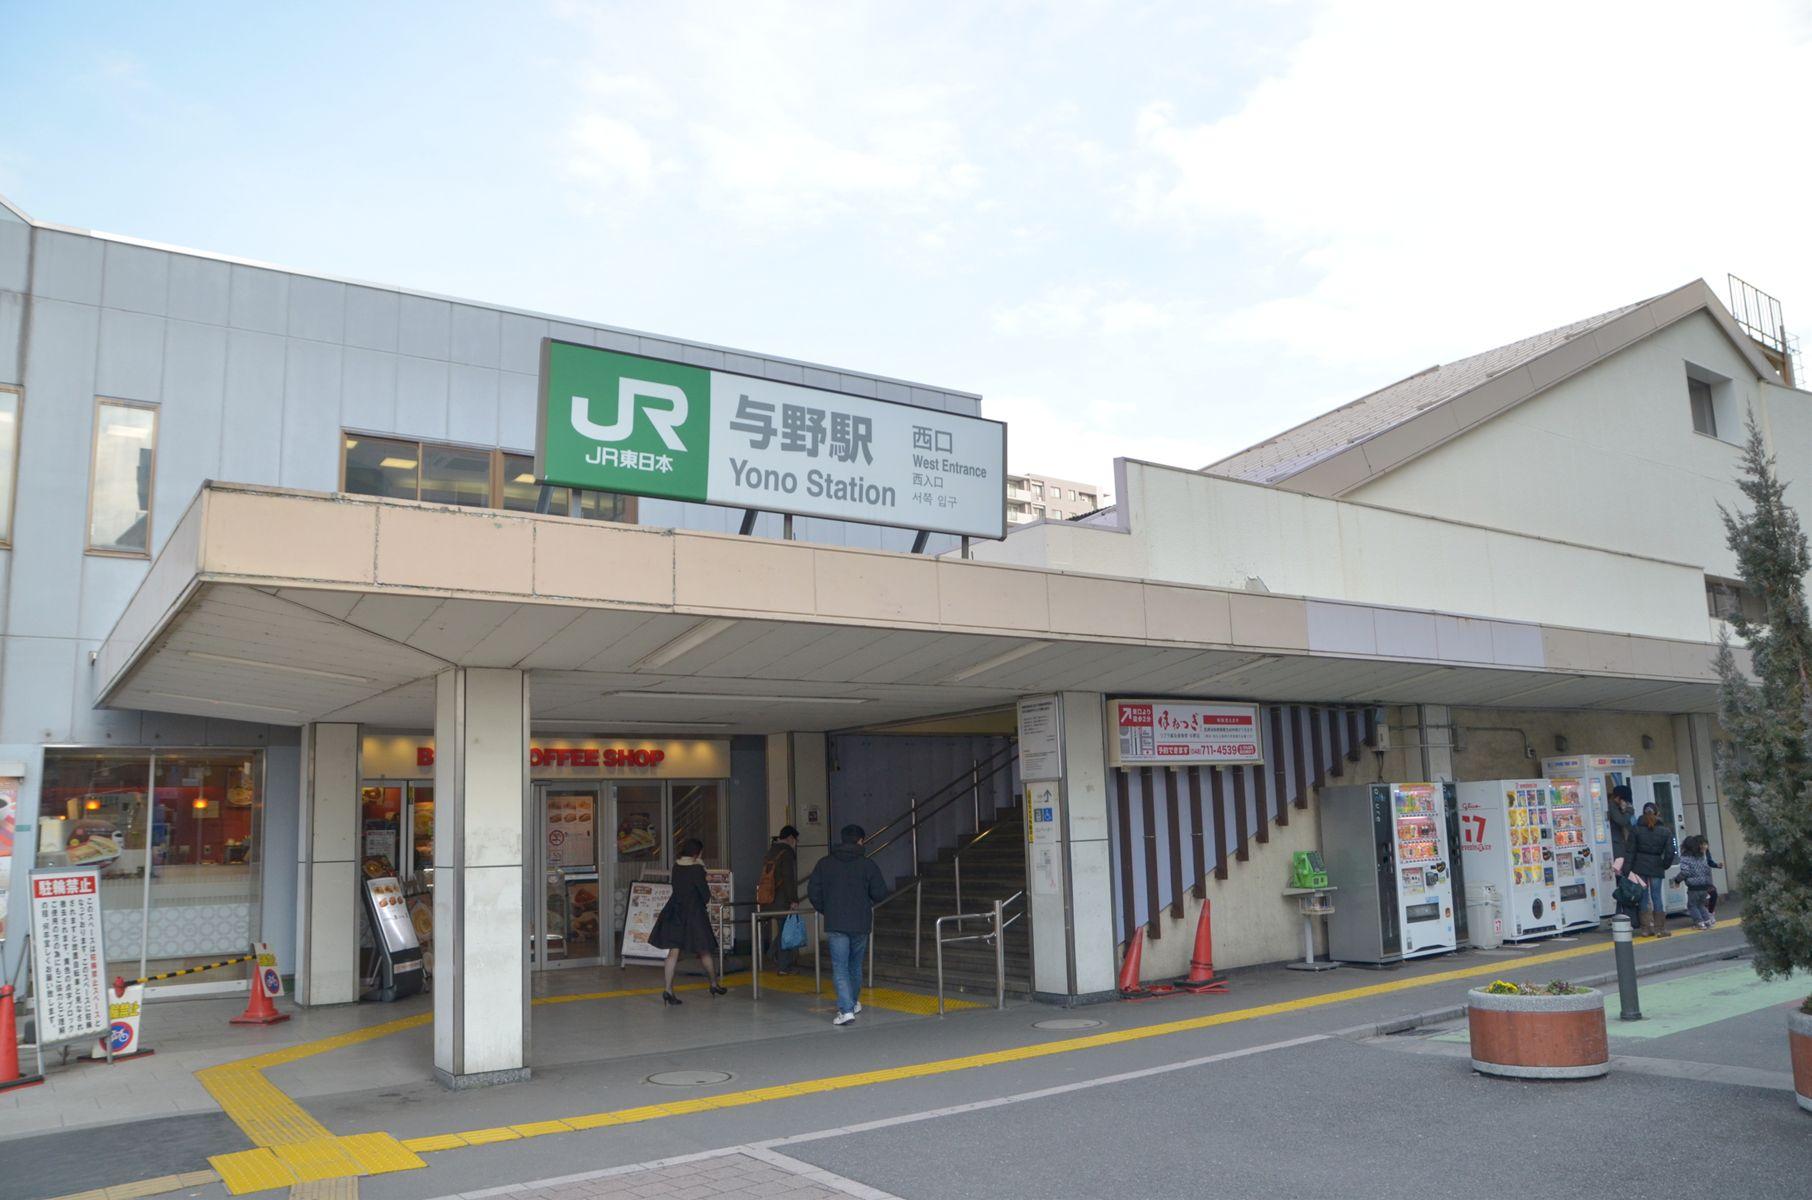 与野駅、与野本町駅の2駅利用可能